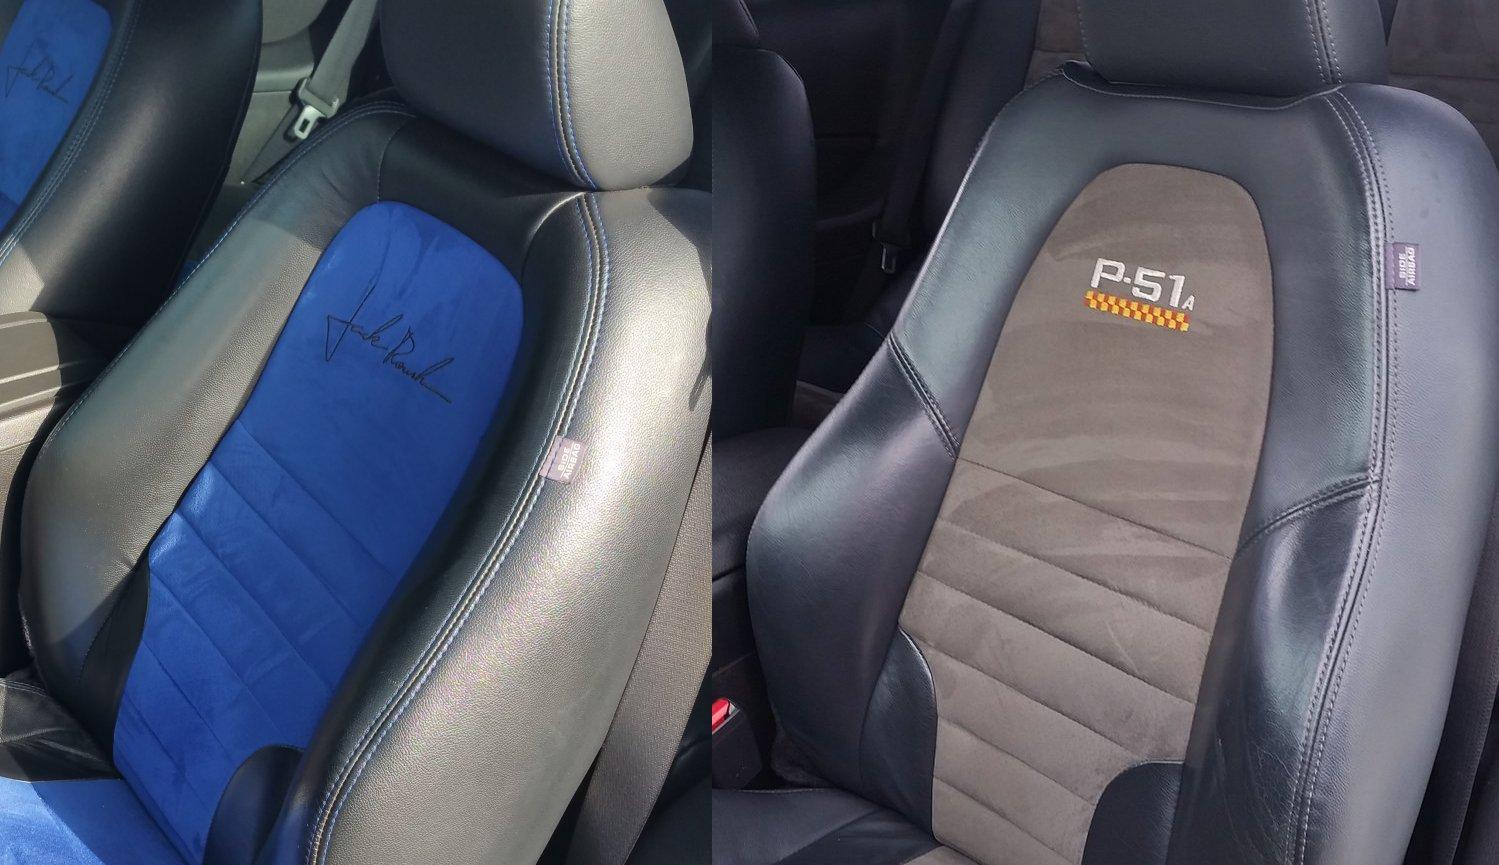 twoseats.jpg